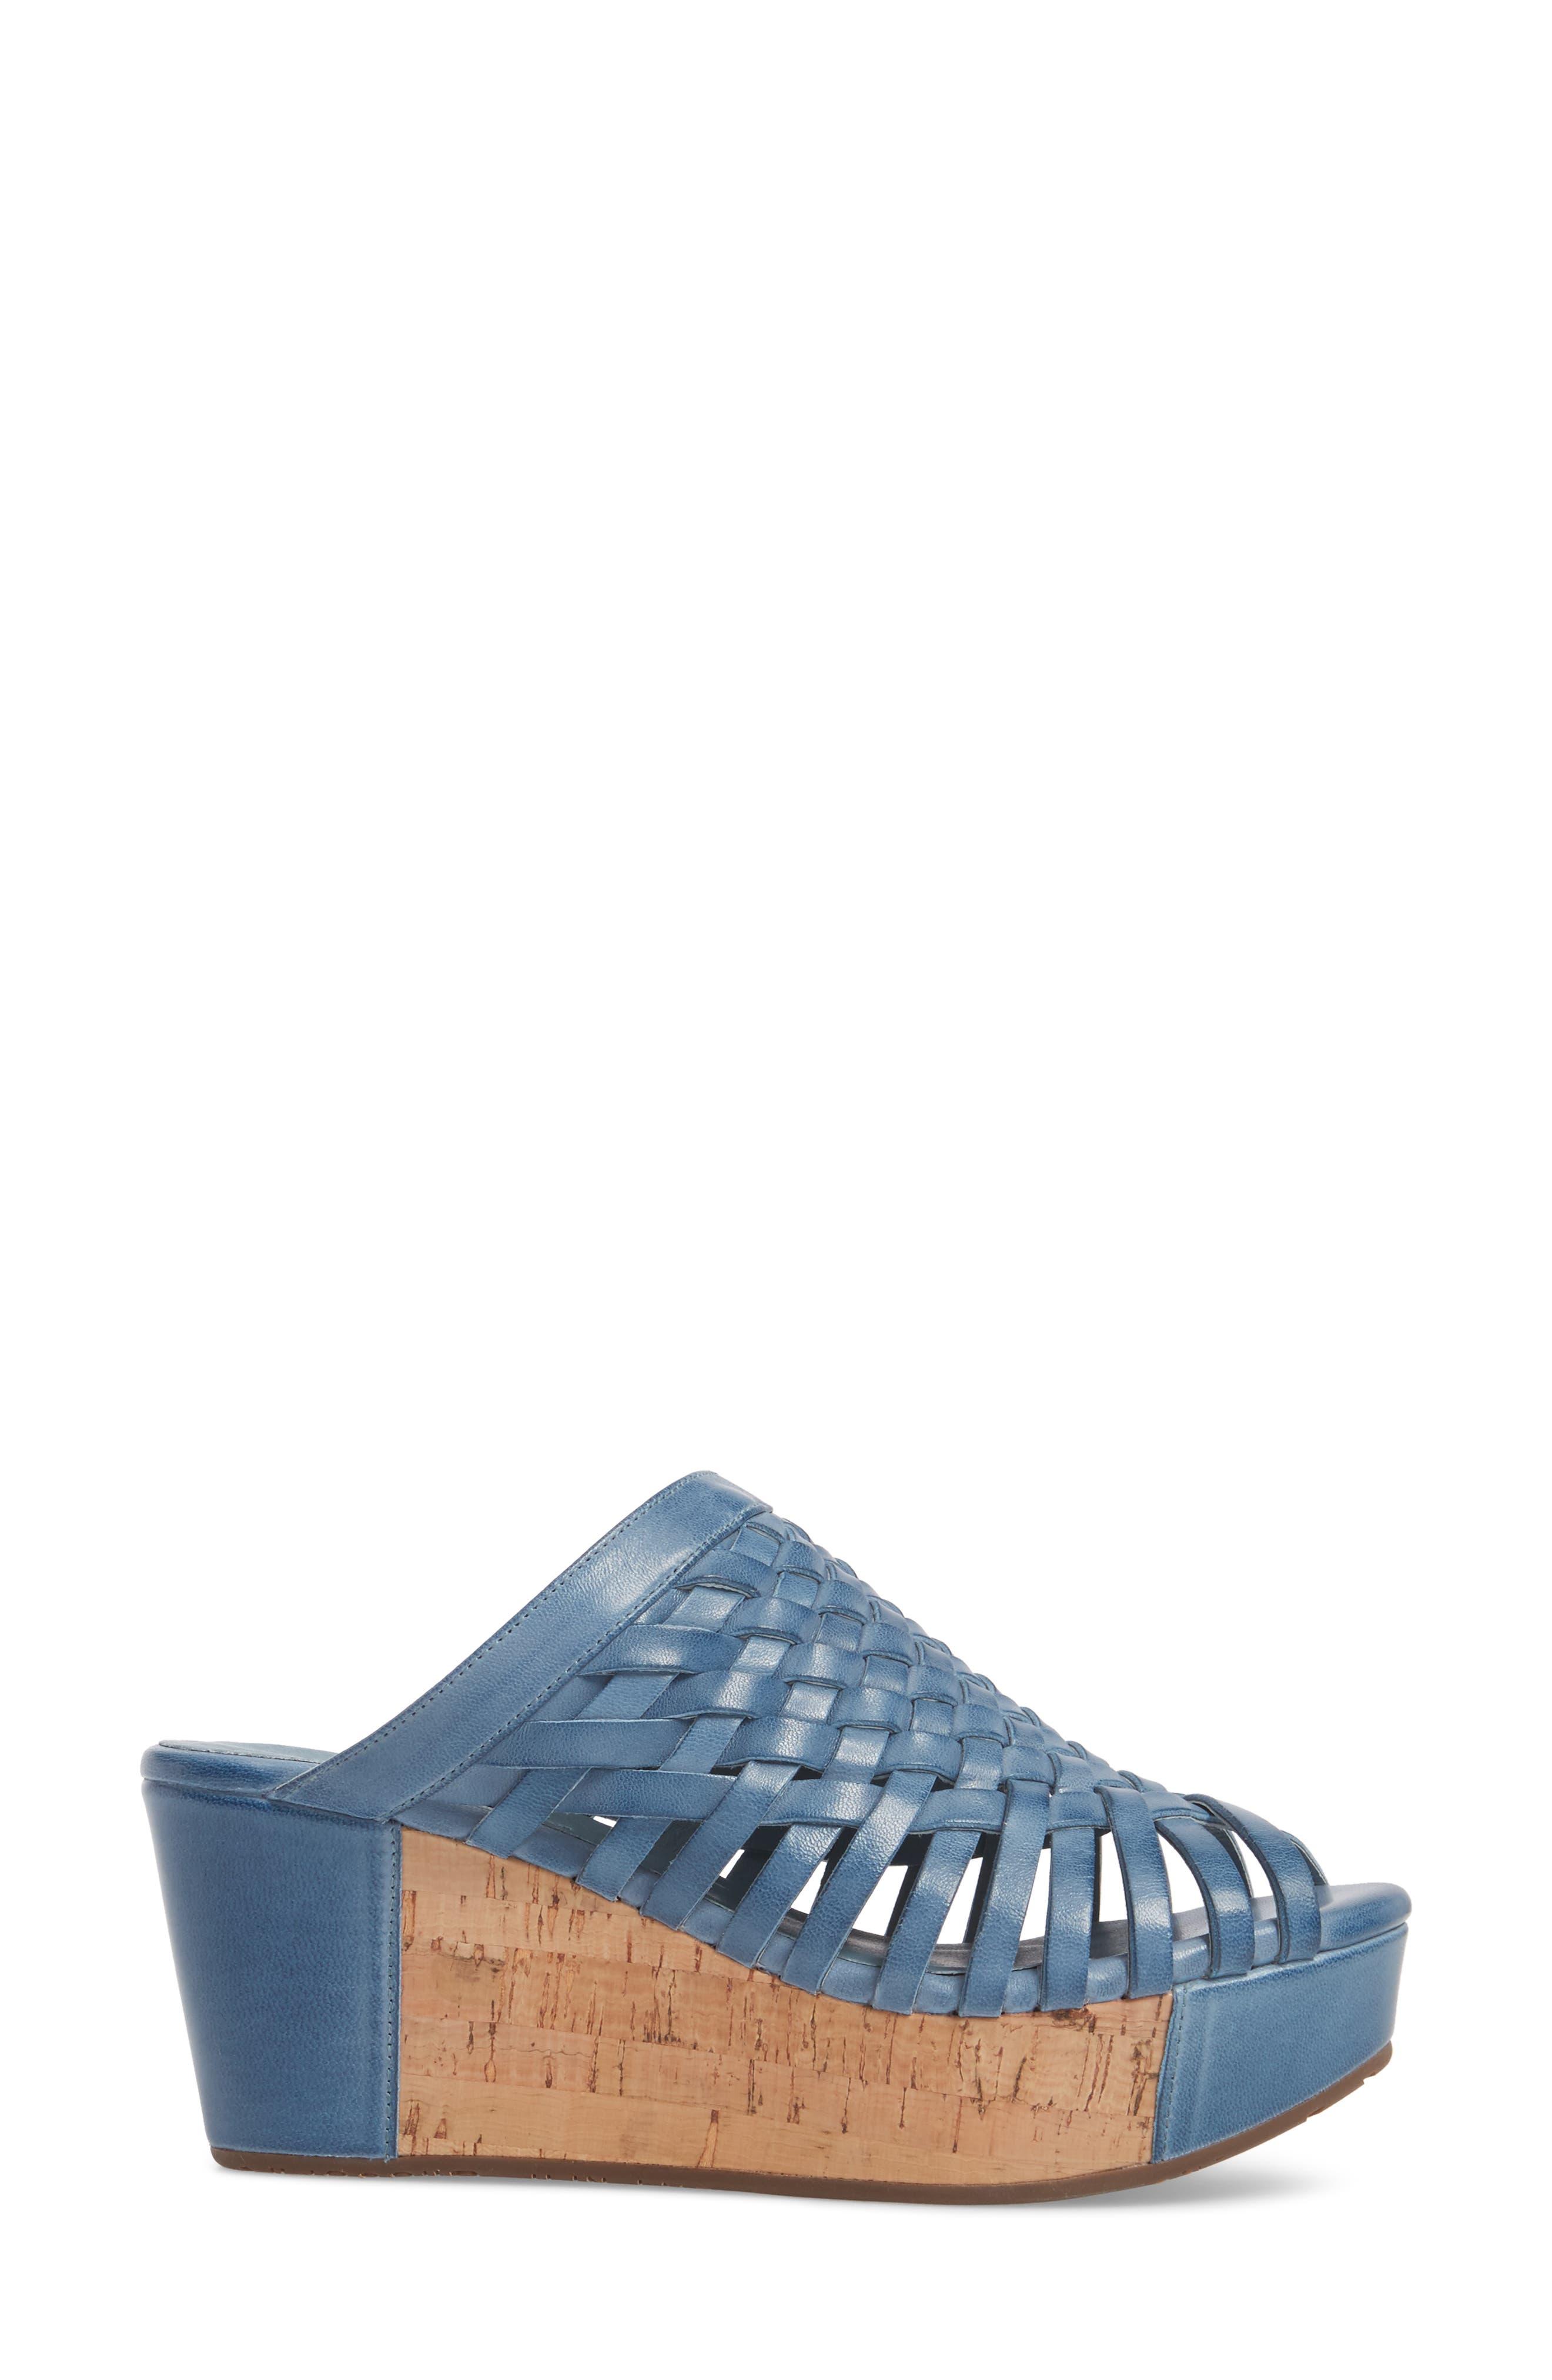 Alternate Image 3  - Chocolat Blu Walda Platform Wedge Sandal (Women)